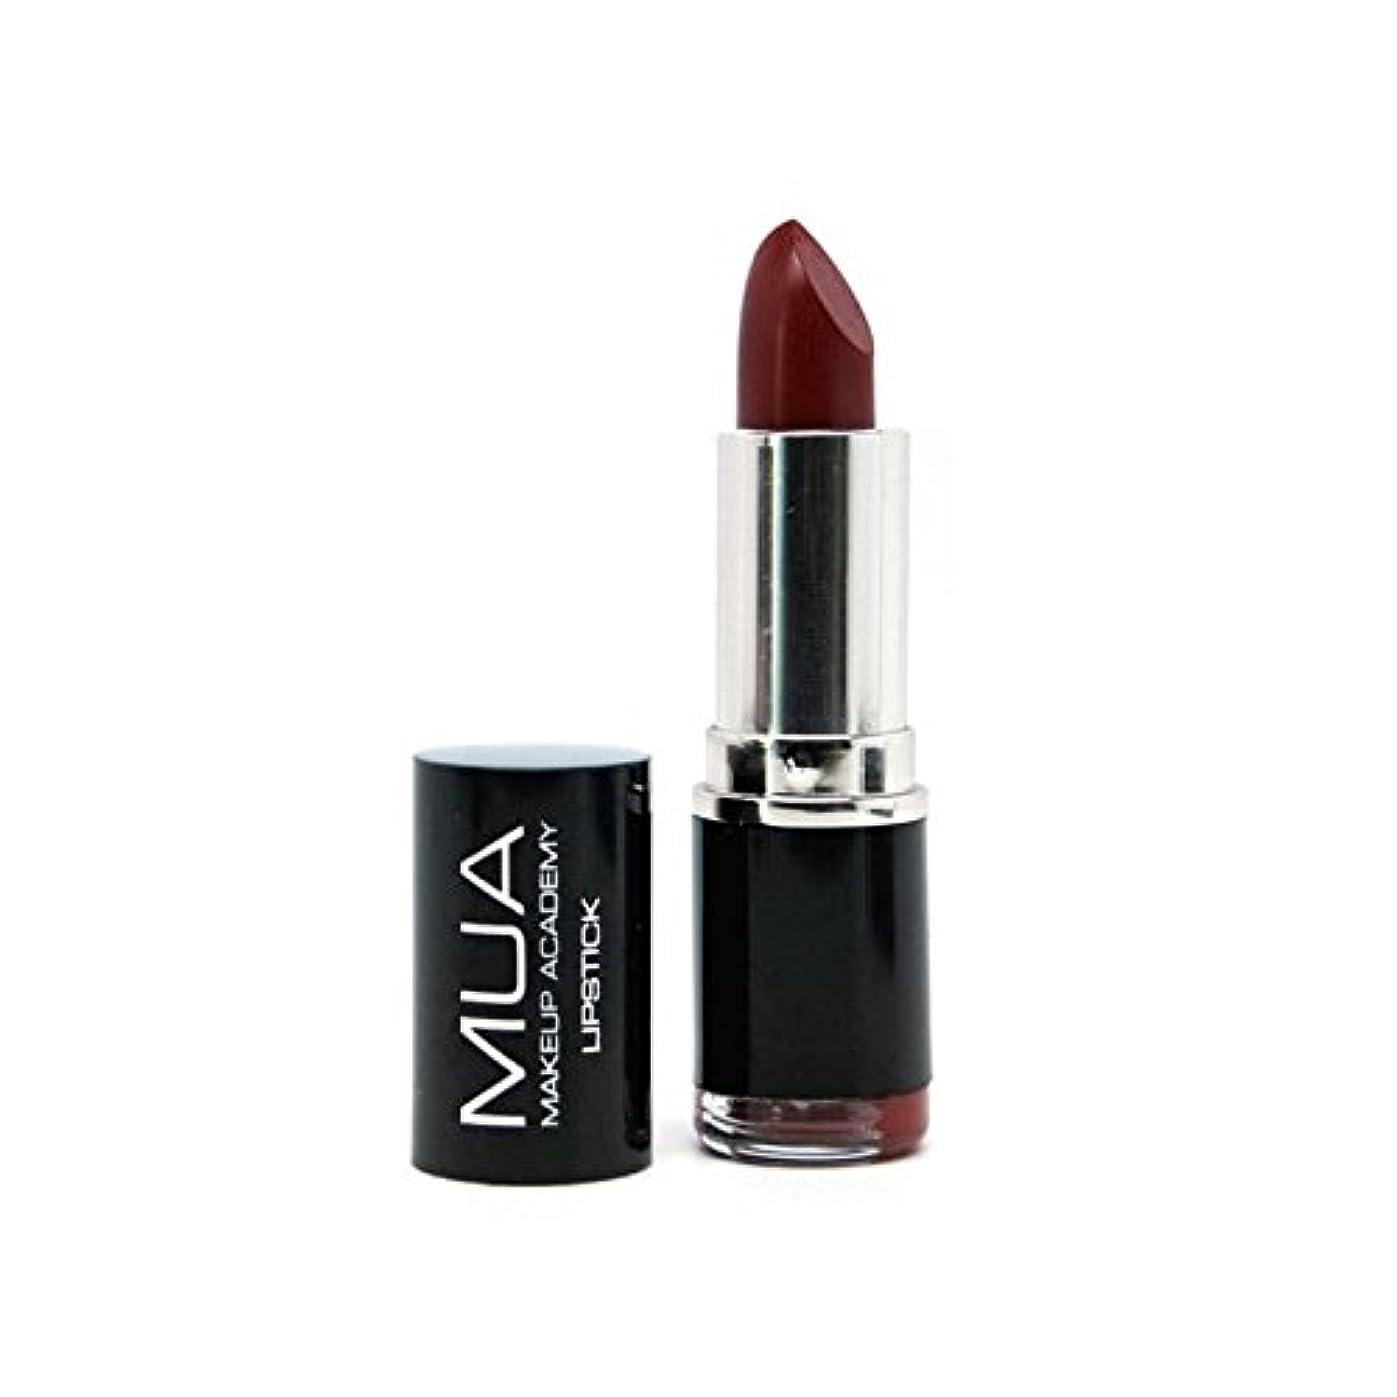 新しさファブリック謝罪MUA Lipstick - Shade 1 - の口紅 - 日陰1 [並行輸入品]